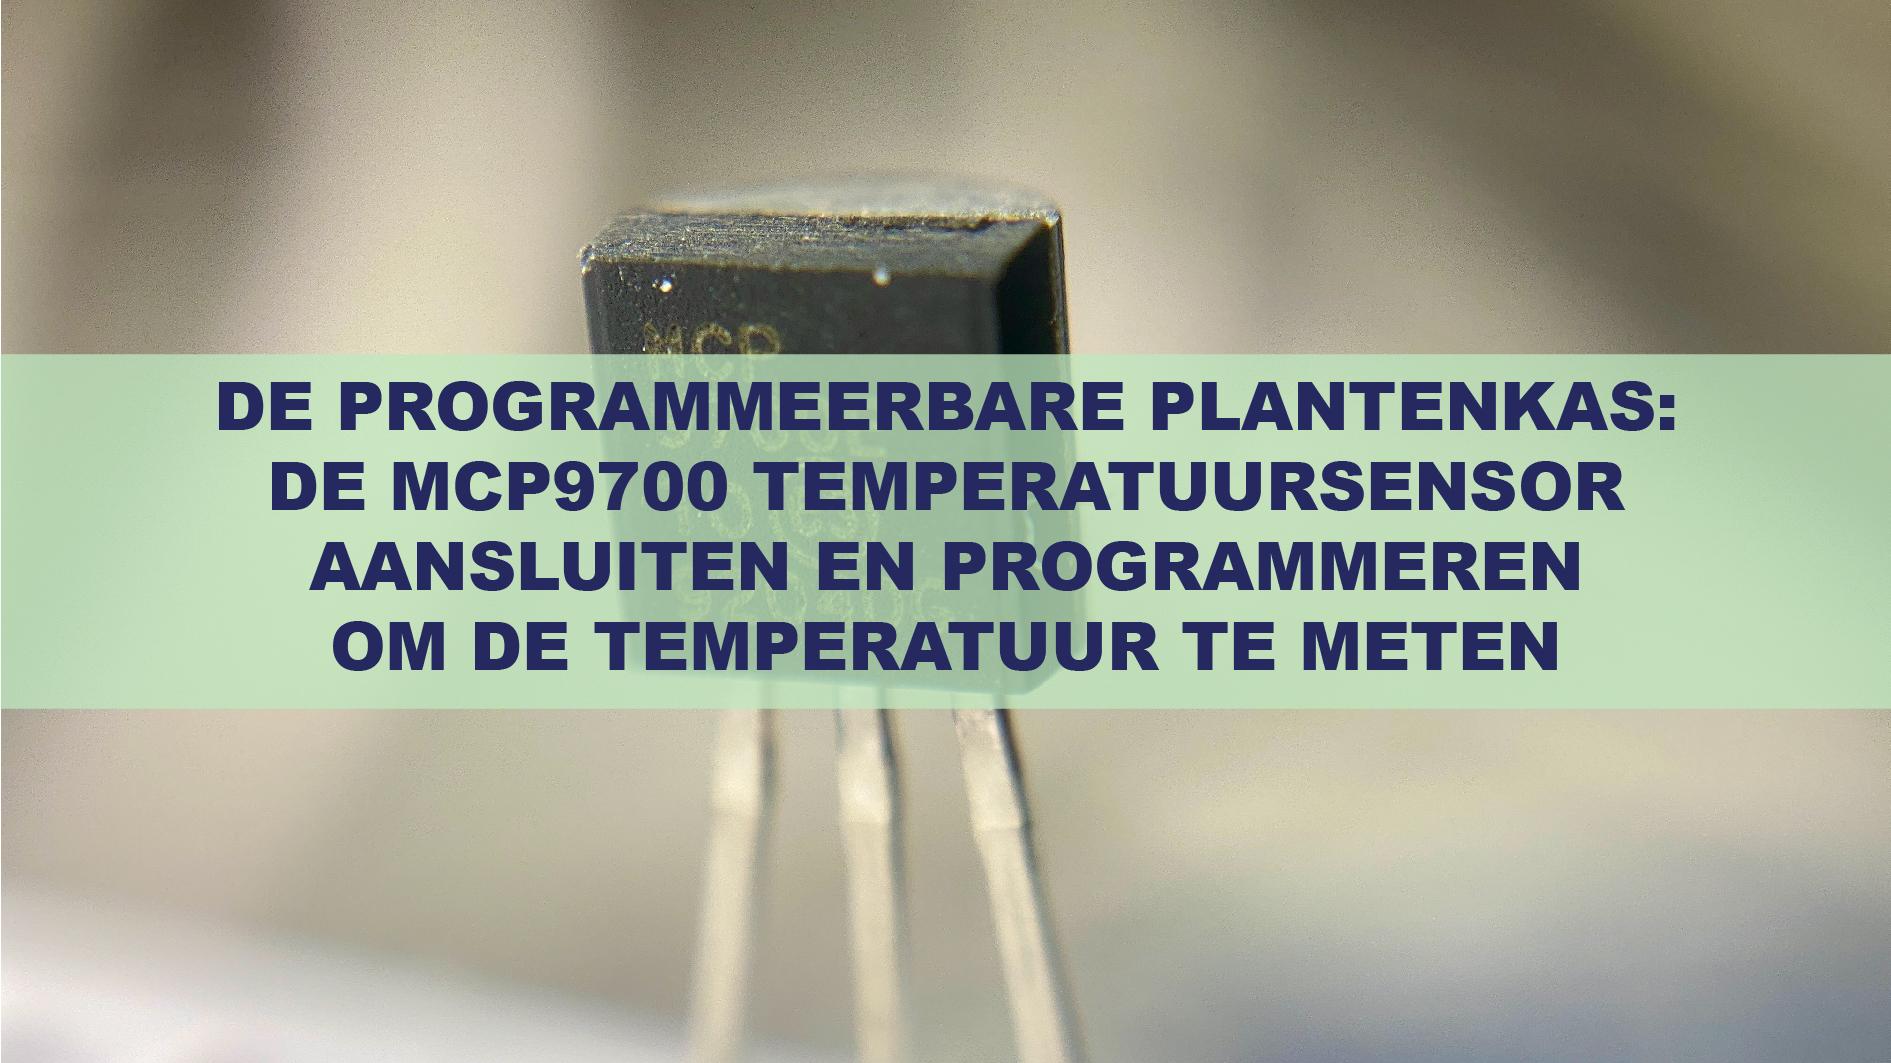 De Programmeerbare Plantenkas: De MCP9700 Temperatuursensor Aansluiten En Programmeren Om De Temperatuur Te Meten